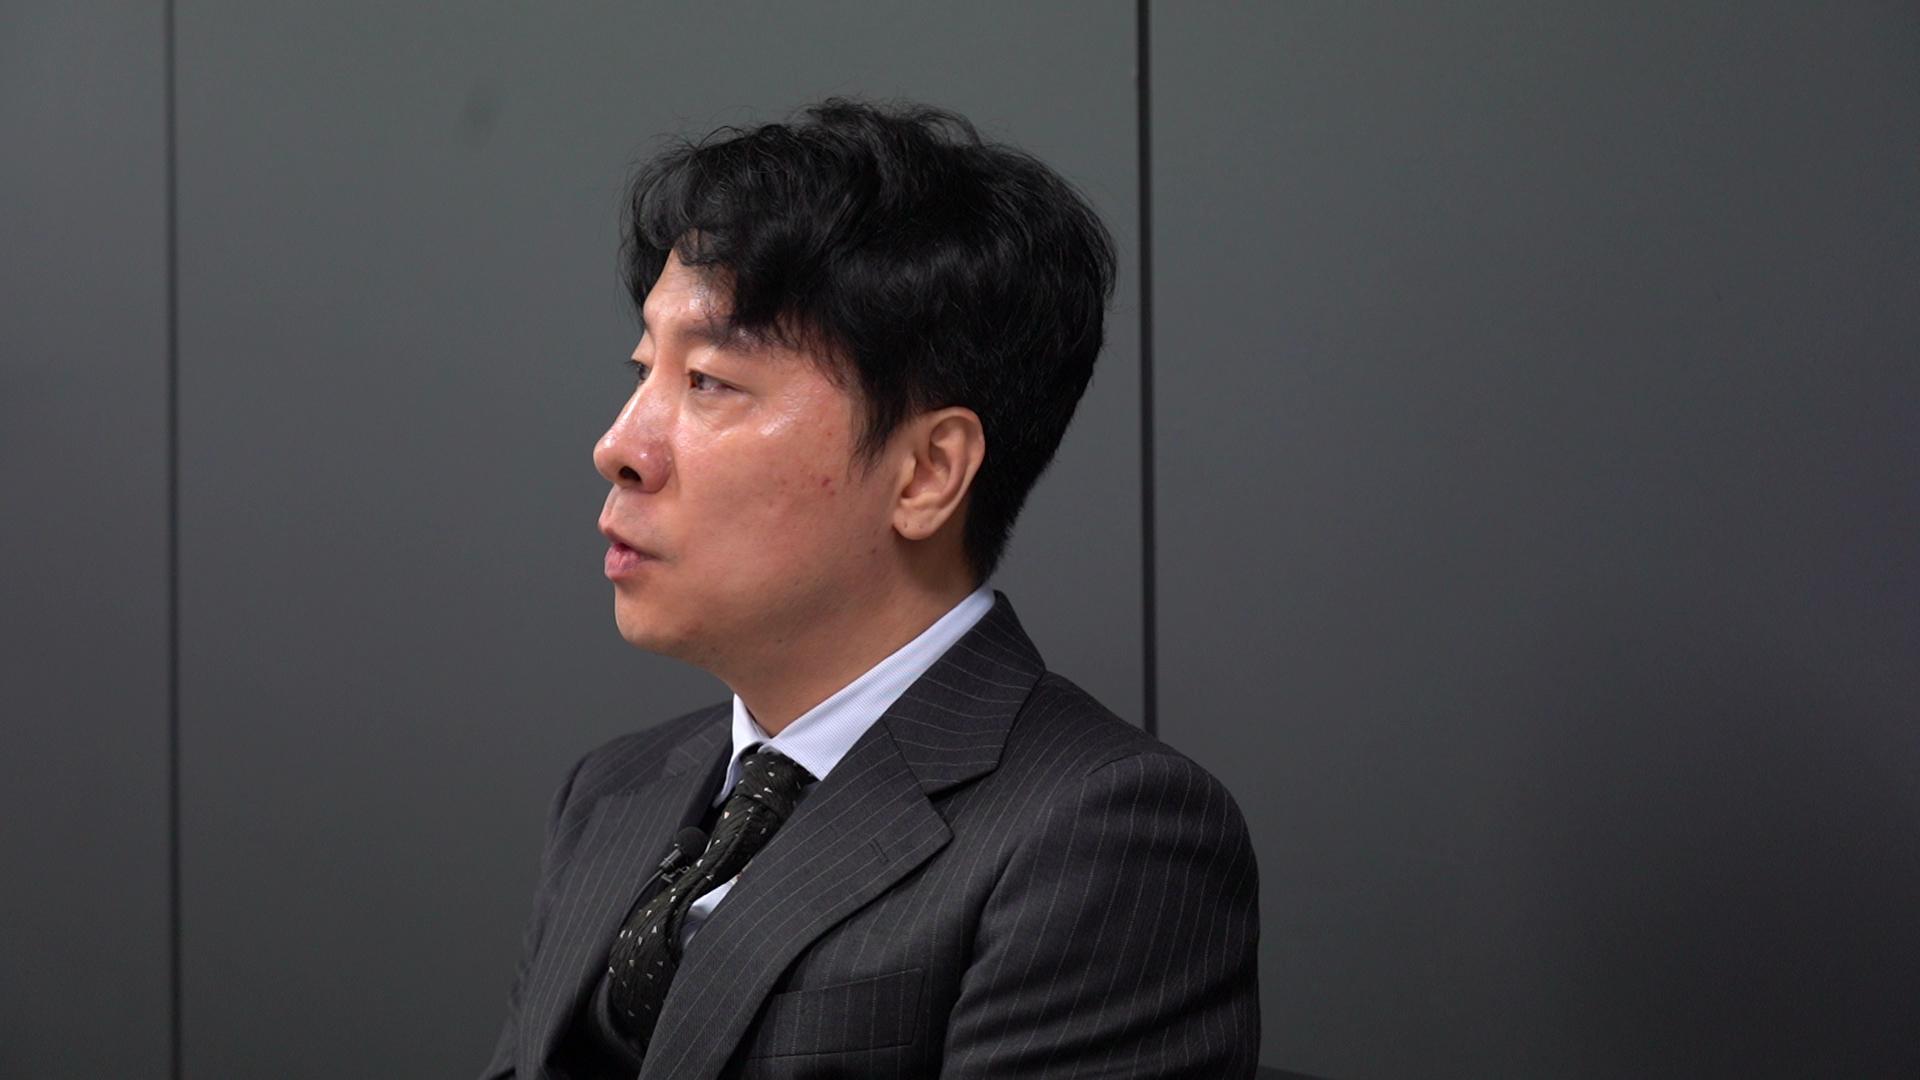 지난 2일 밀실팀과 인터뷰한 정희원 변호사. 백경민